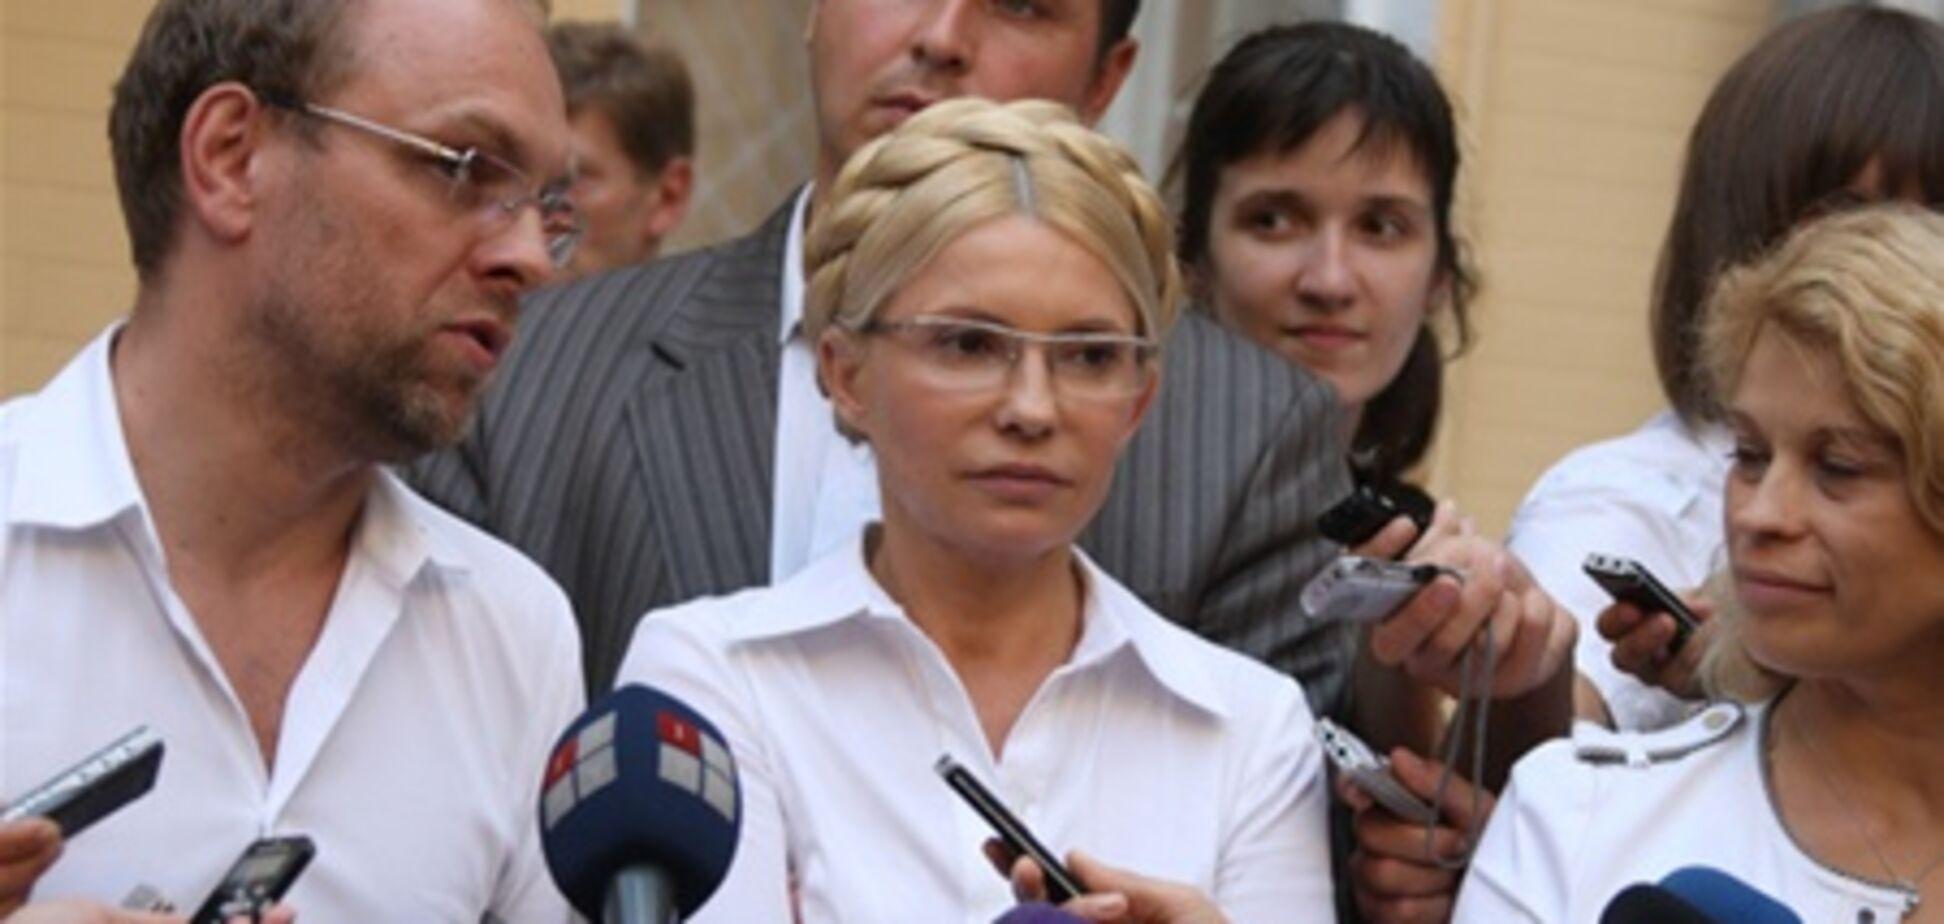 Тимошенко обещает продолжение 'веселой жизни' прокурорам и судье